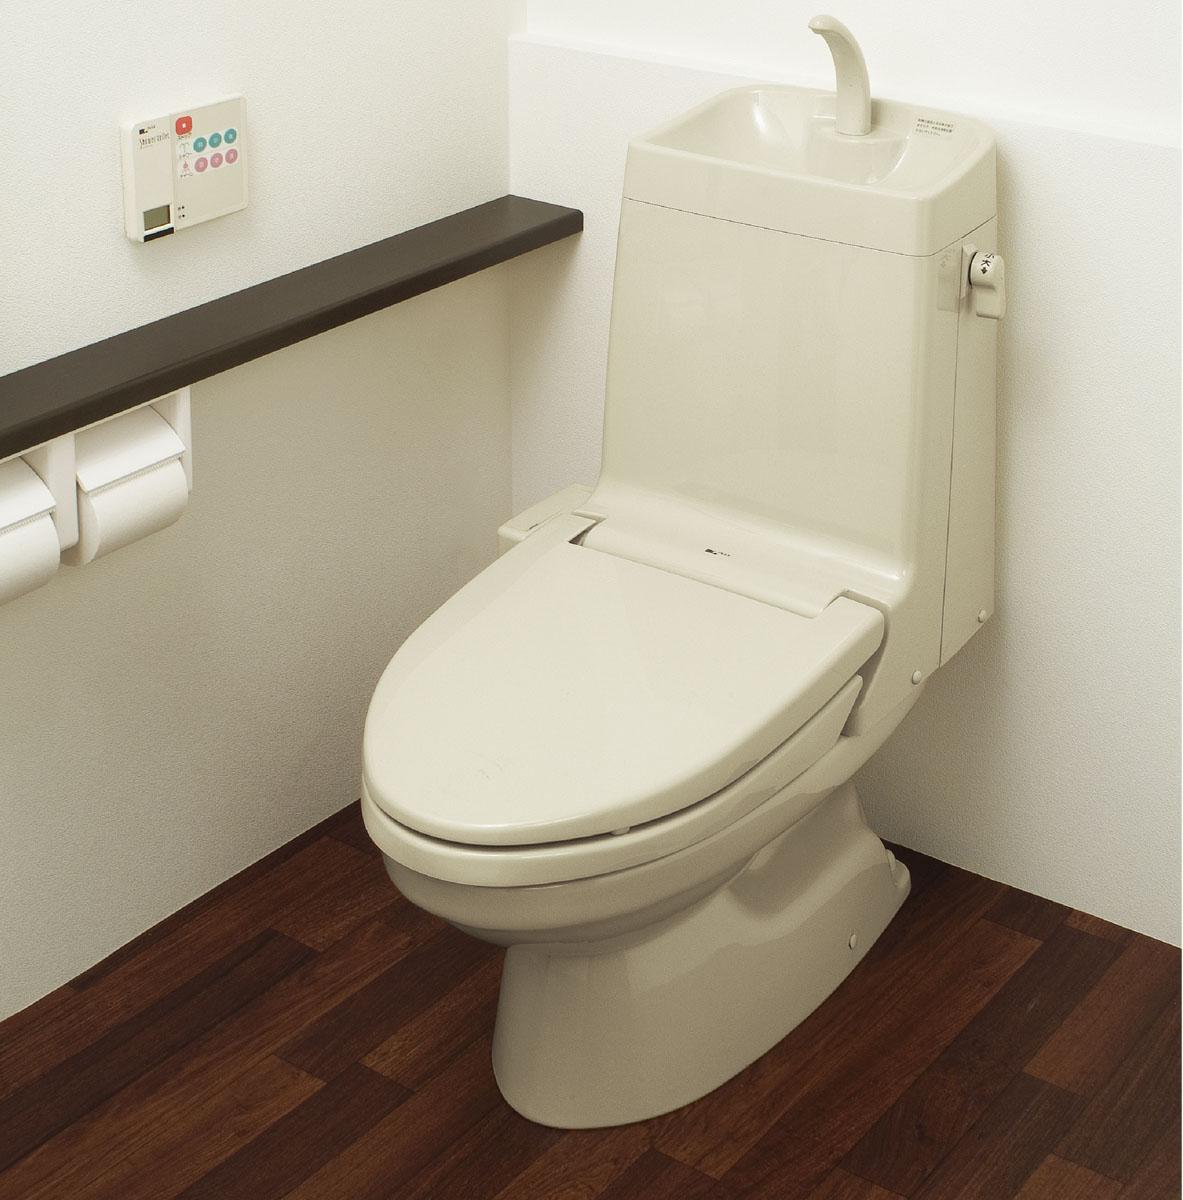 LIXIL,リフレッシュシャワートイレ,タンク付き